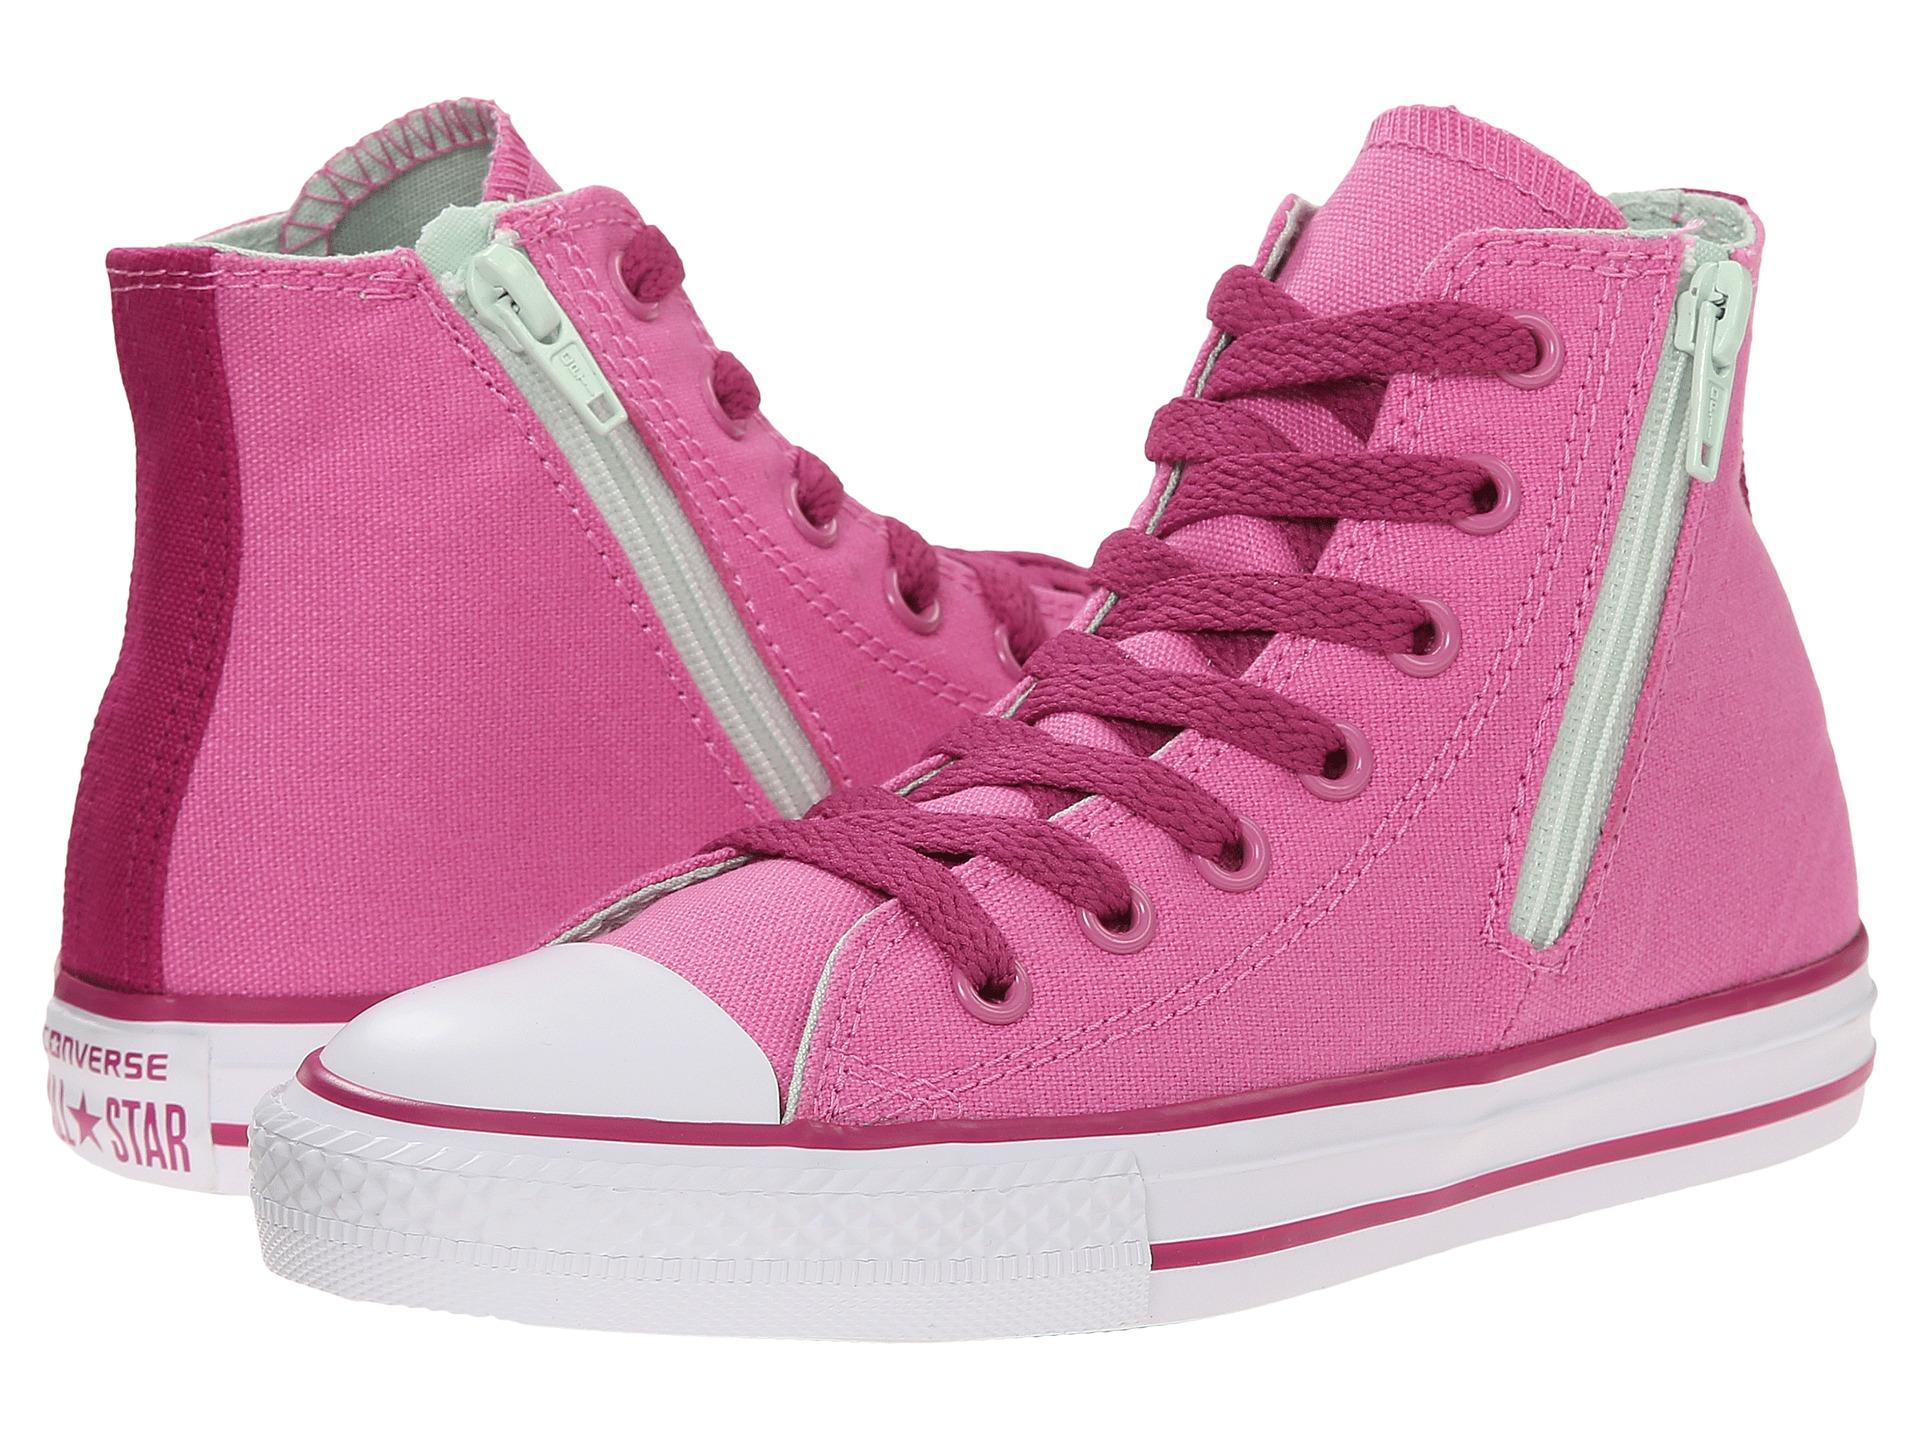 a5e56213d032 The Spectrum  6 Best Kids  Shoes without Laces